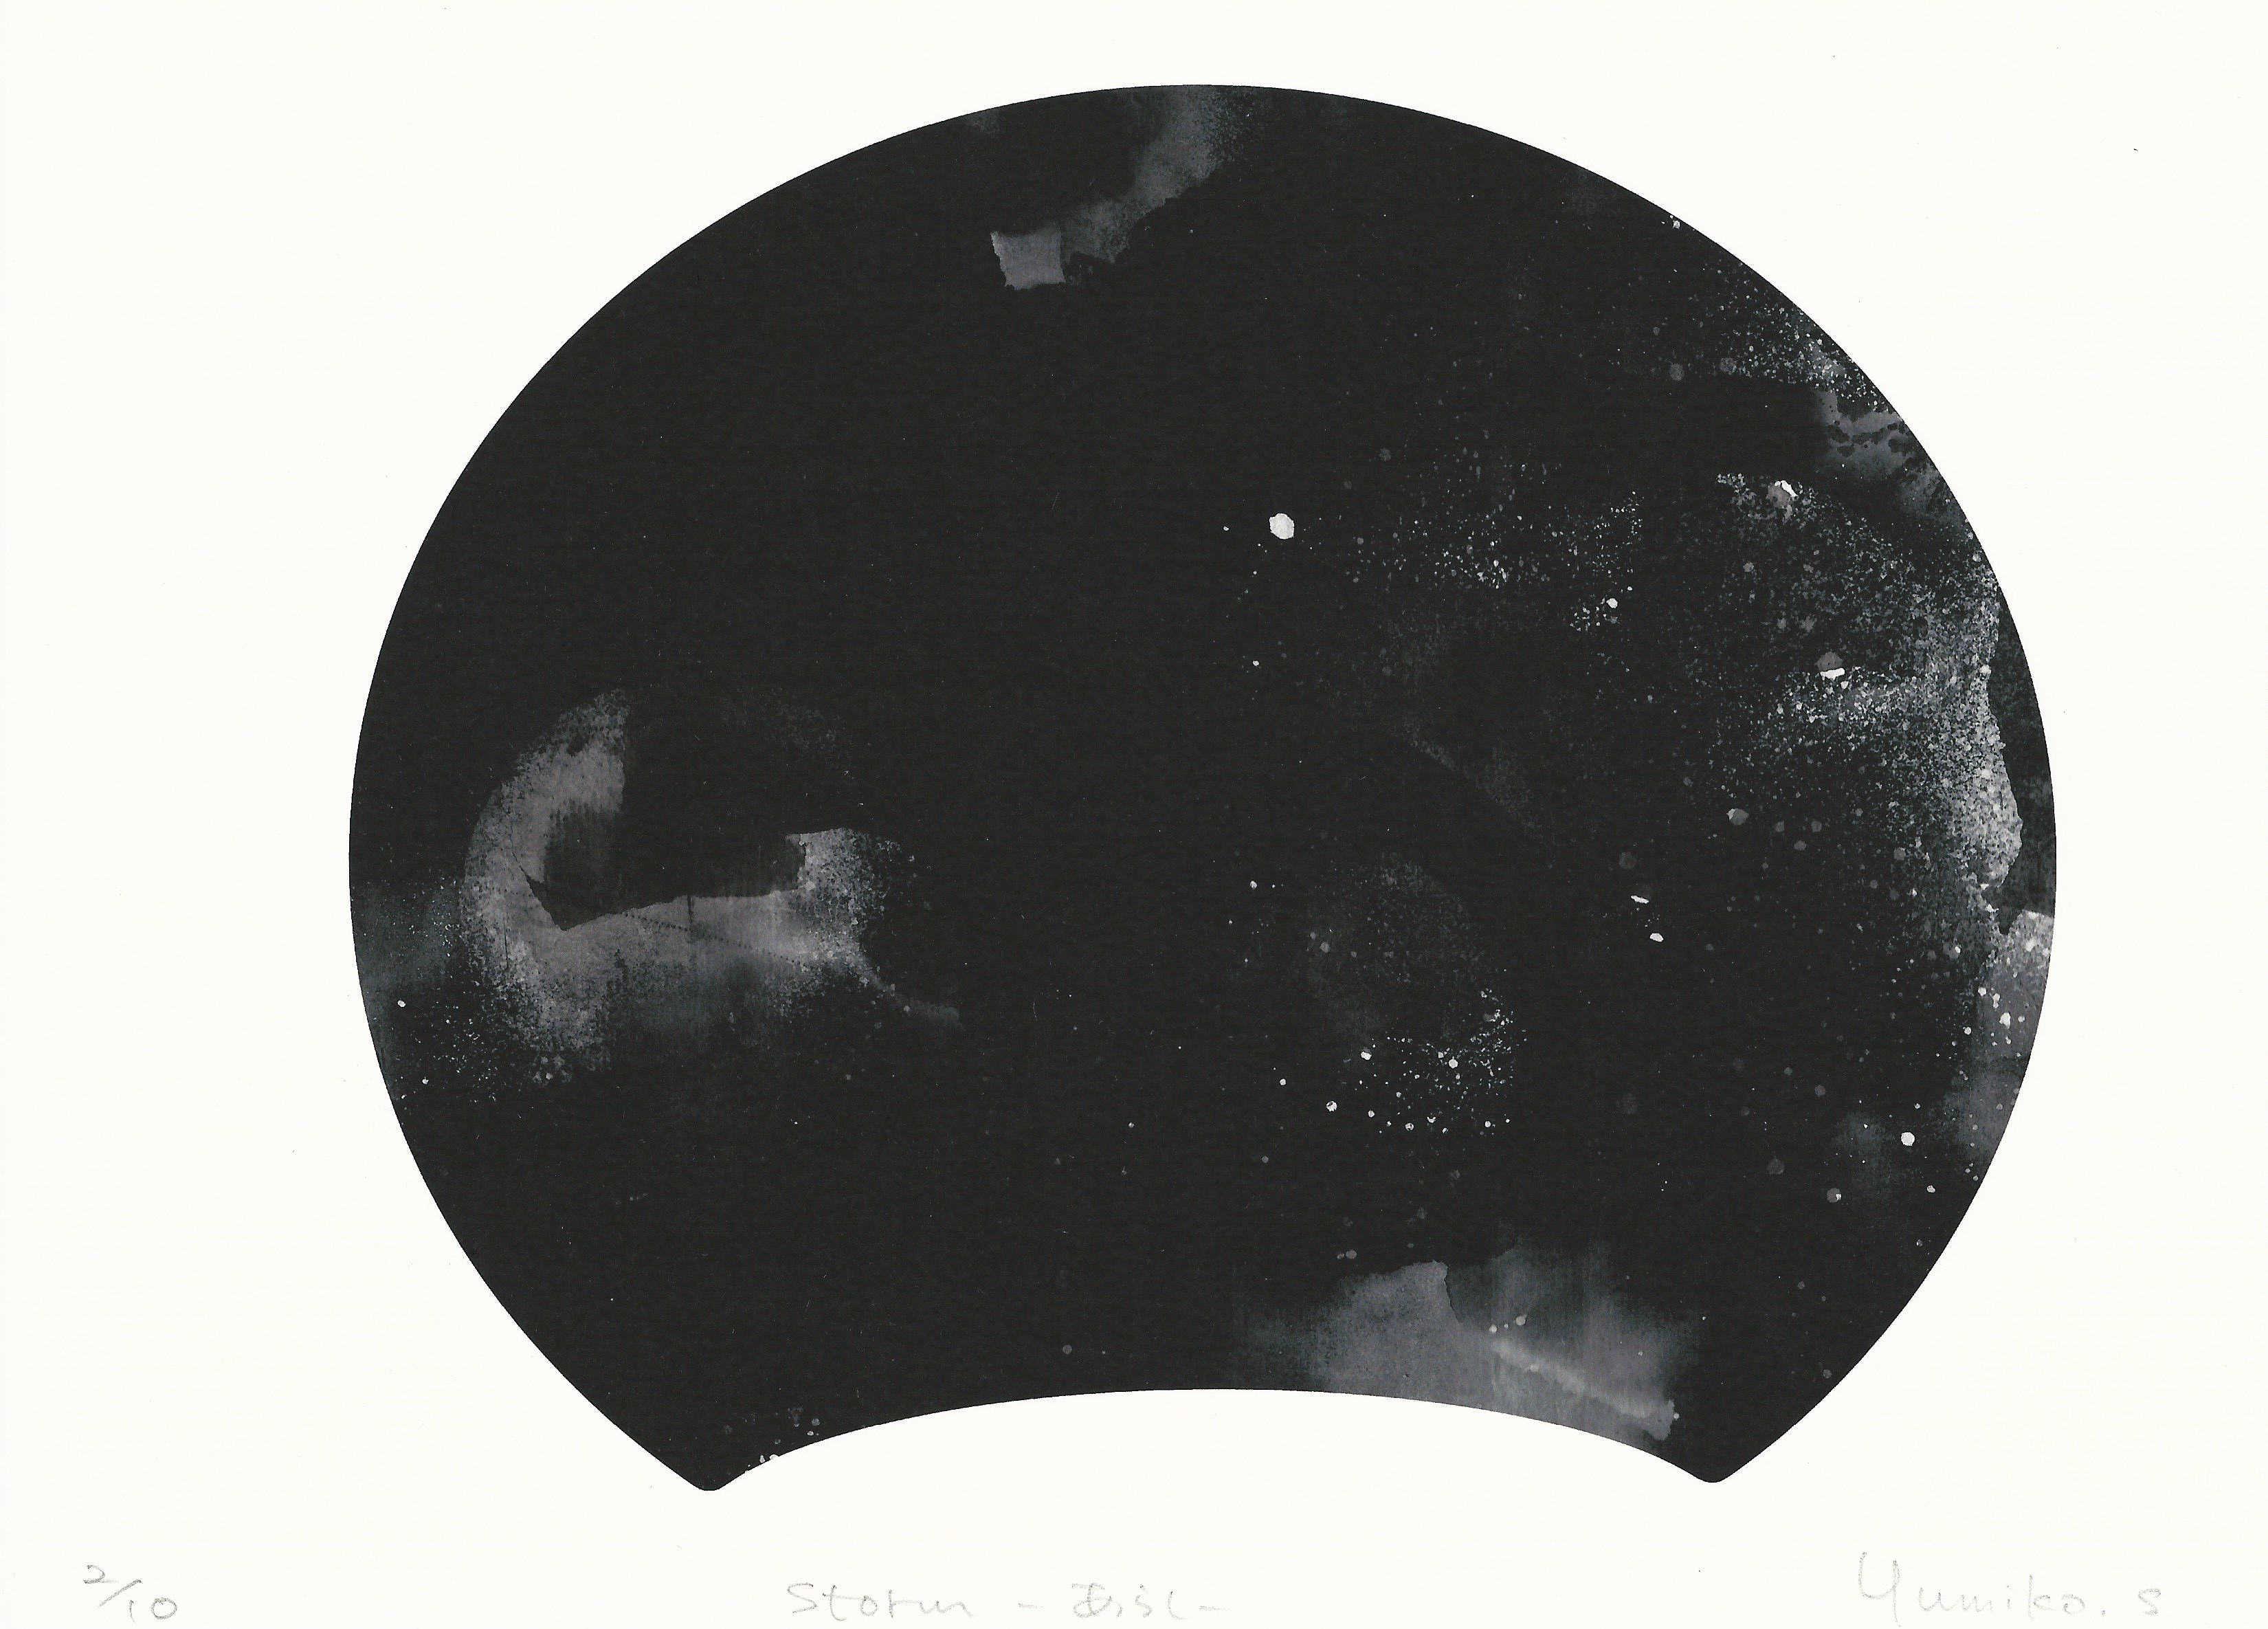 Sou Yumiko | STORM | archival digital print | 7x9 | 2016